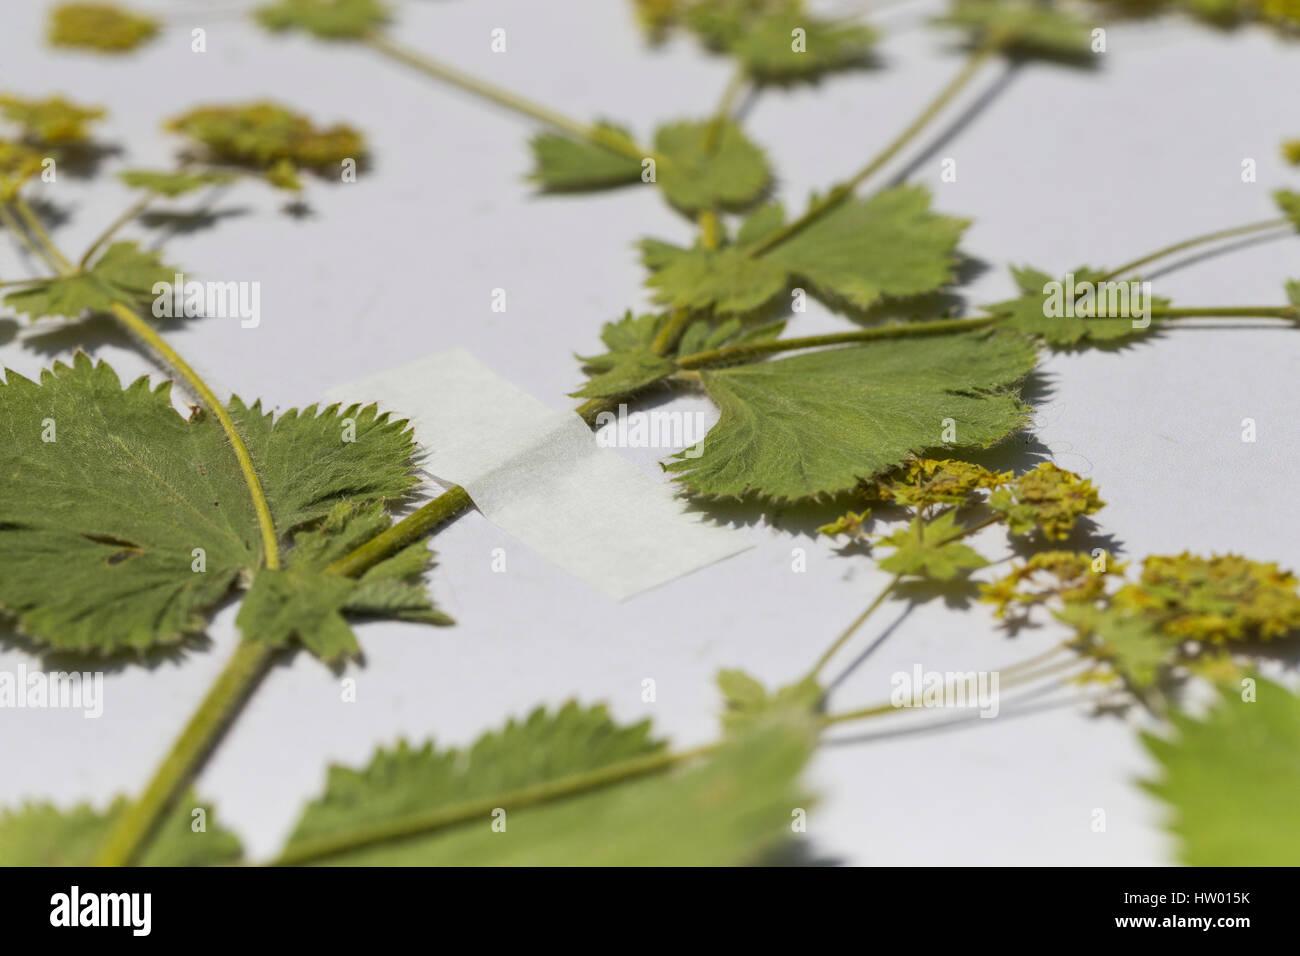 gepresste pflanze wird mit klebestreifen am herbarbogen fixiert stock photo royalty free image. Black Bedroom Furniture Sets. Home Design Ideas